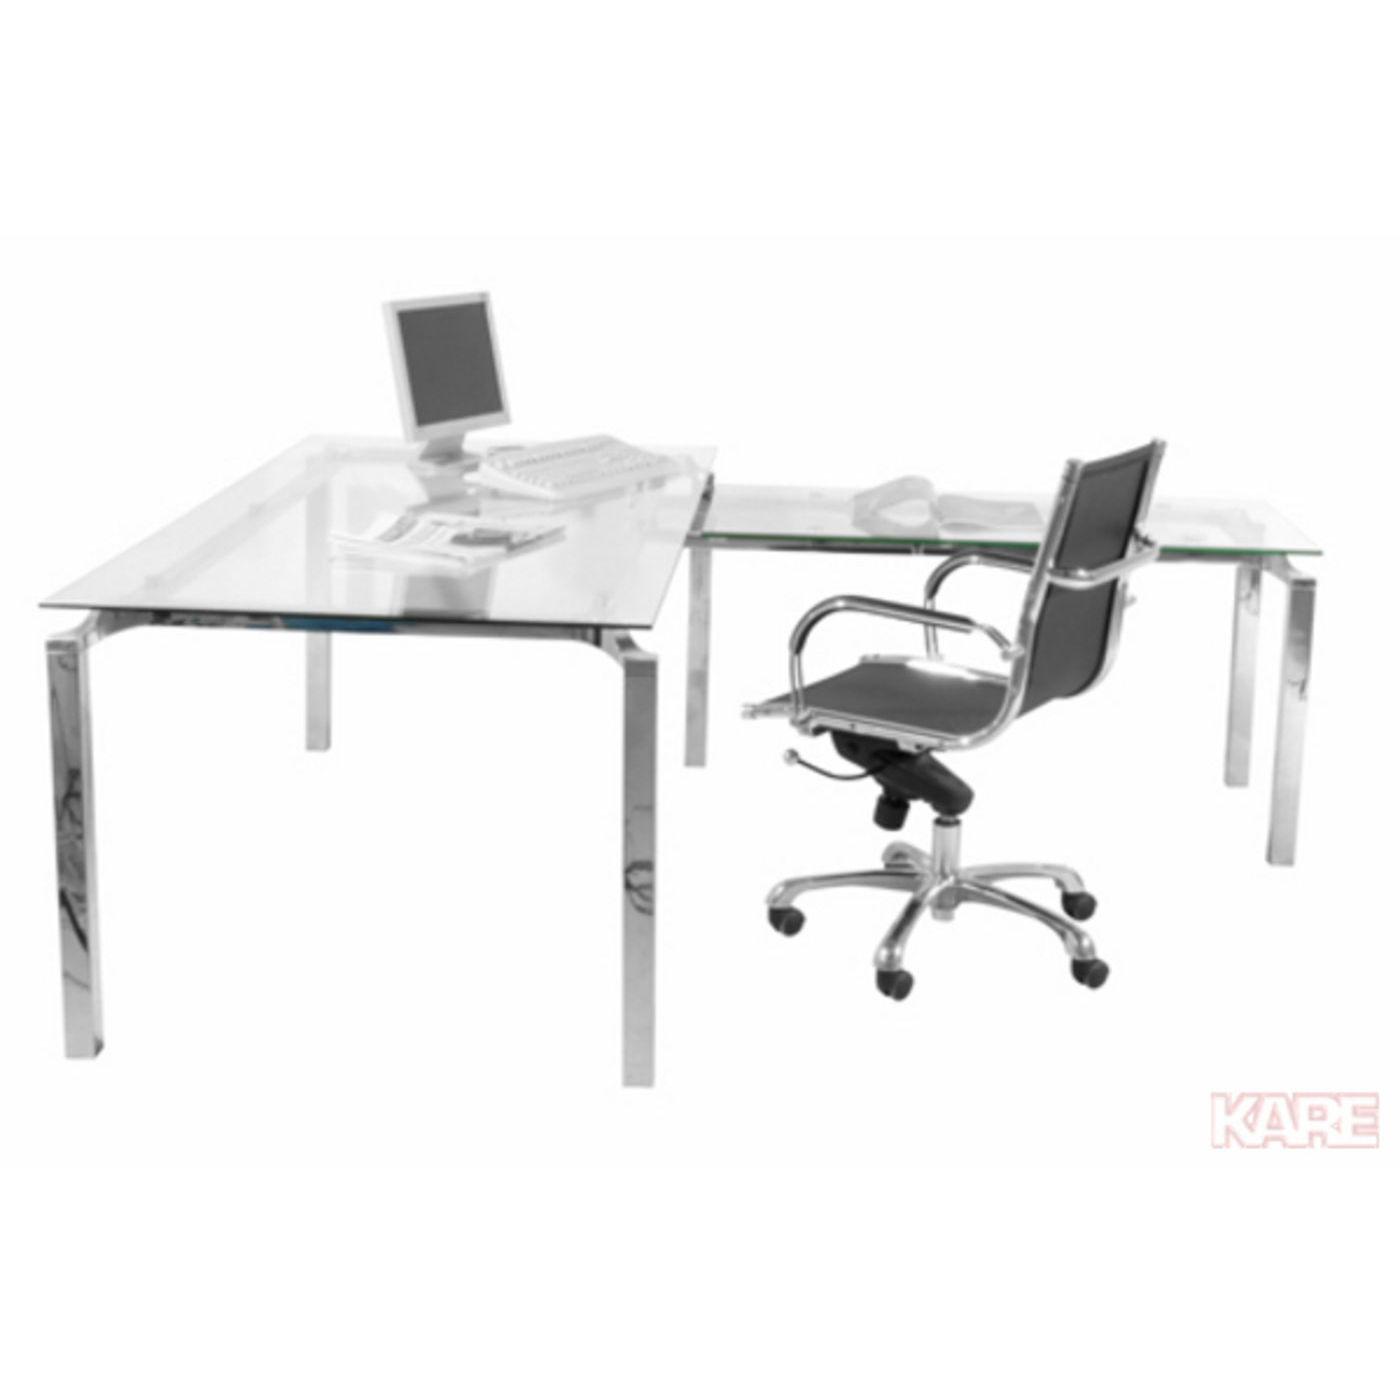 KARE DESIGN Lorenco Corner Chrome skrivebord - klart glas/sølv stål